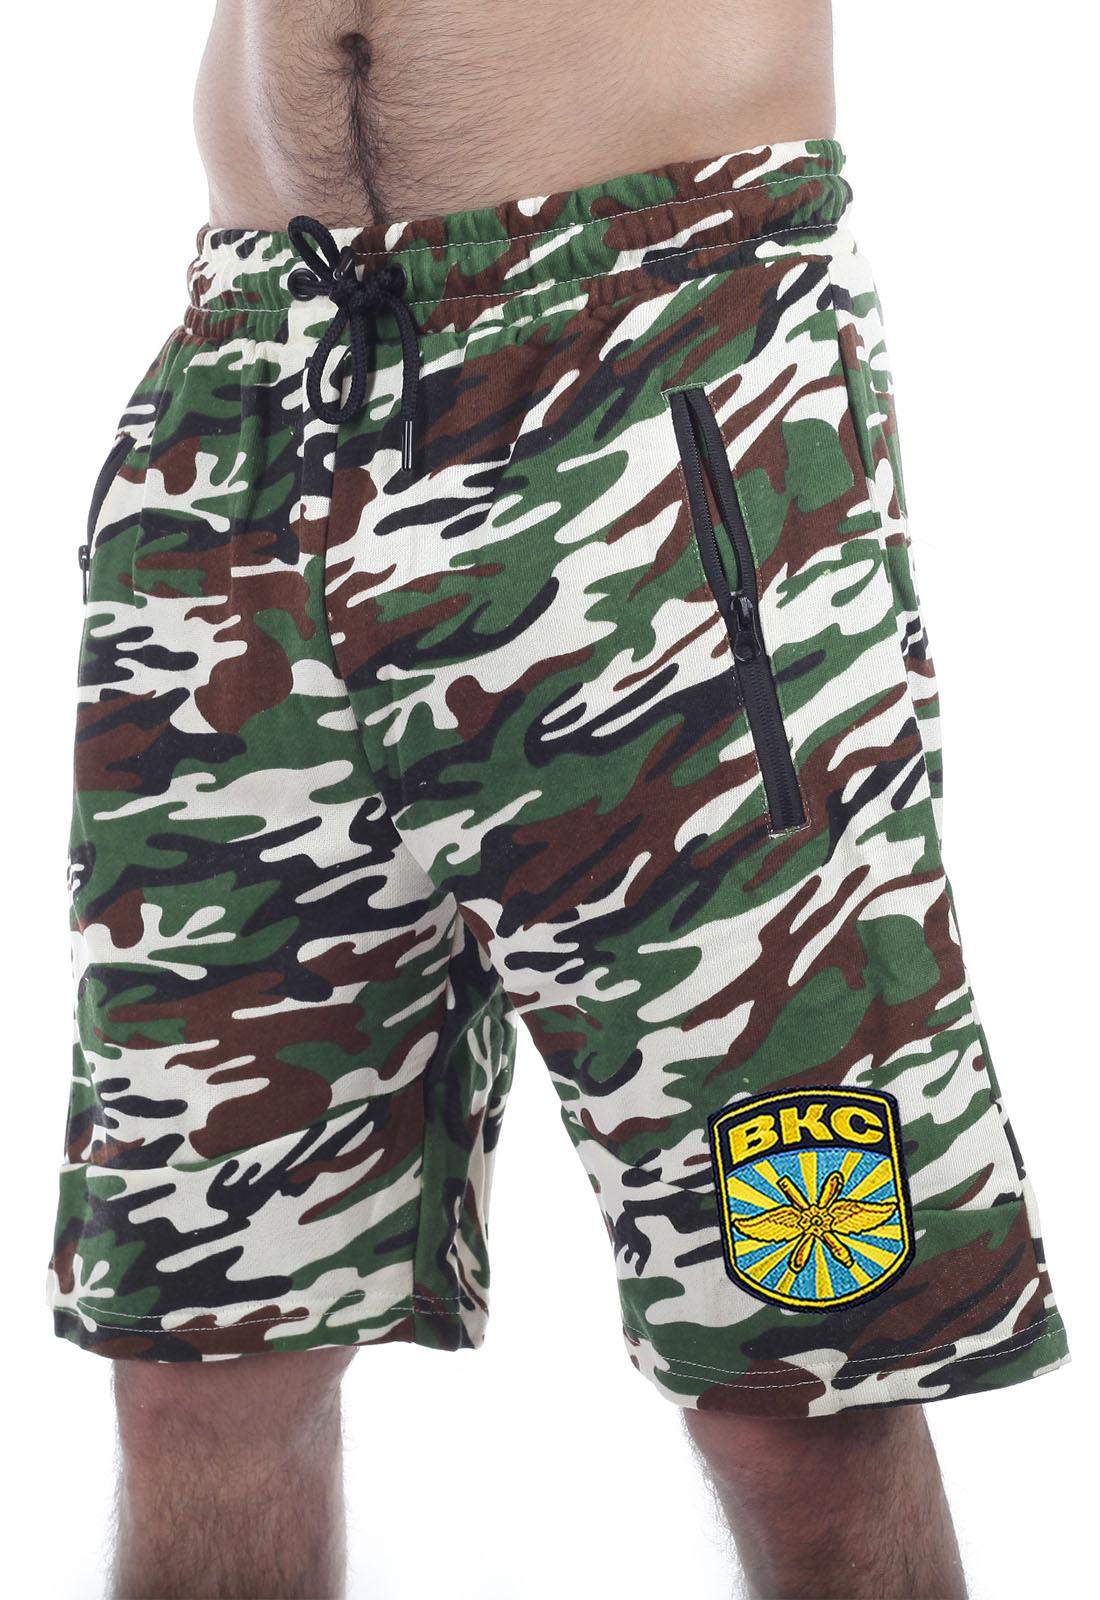 Купить армейские зачетные шорты нашивкой ВКС в подарок мужчине